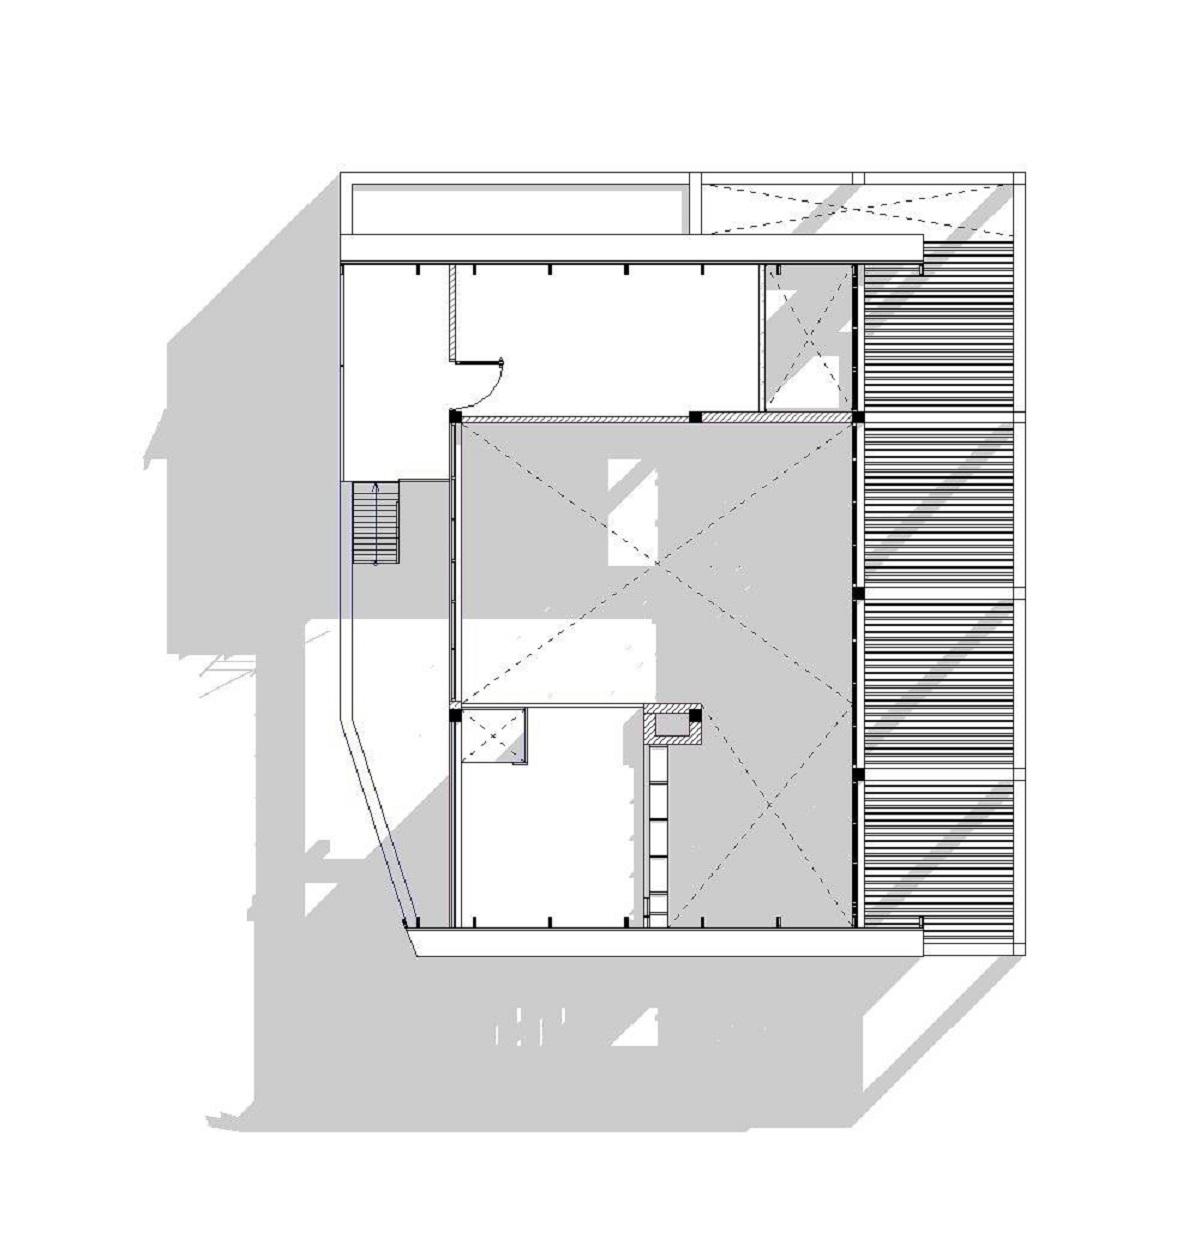 kienviet xuan anh house tan huong khong gian yen binh garchitects 6 - Nhà Xuân Anh - Tìm về chốn yên bình